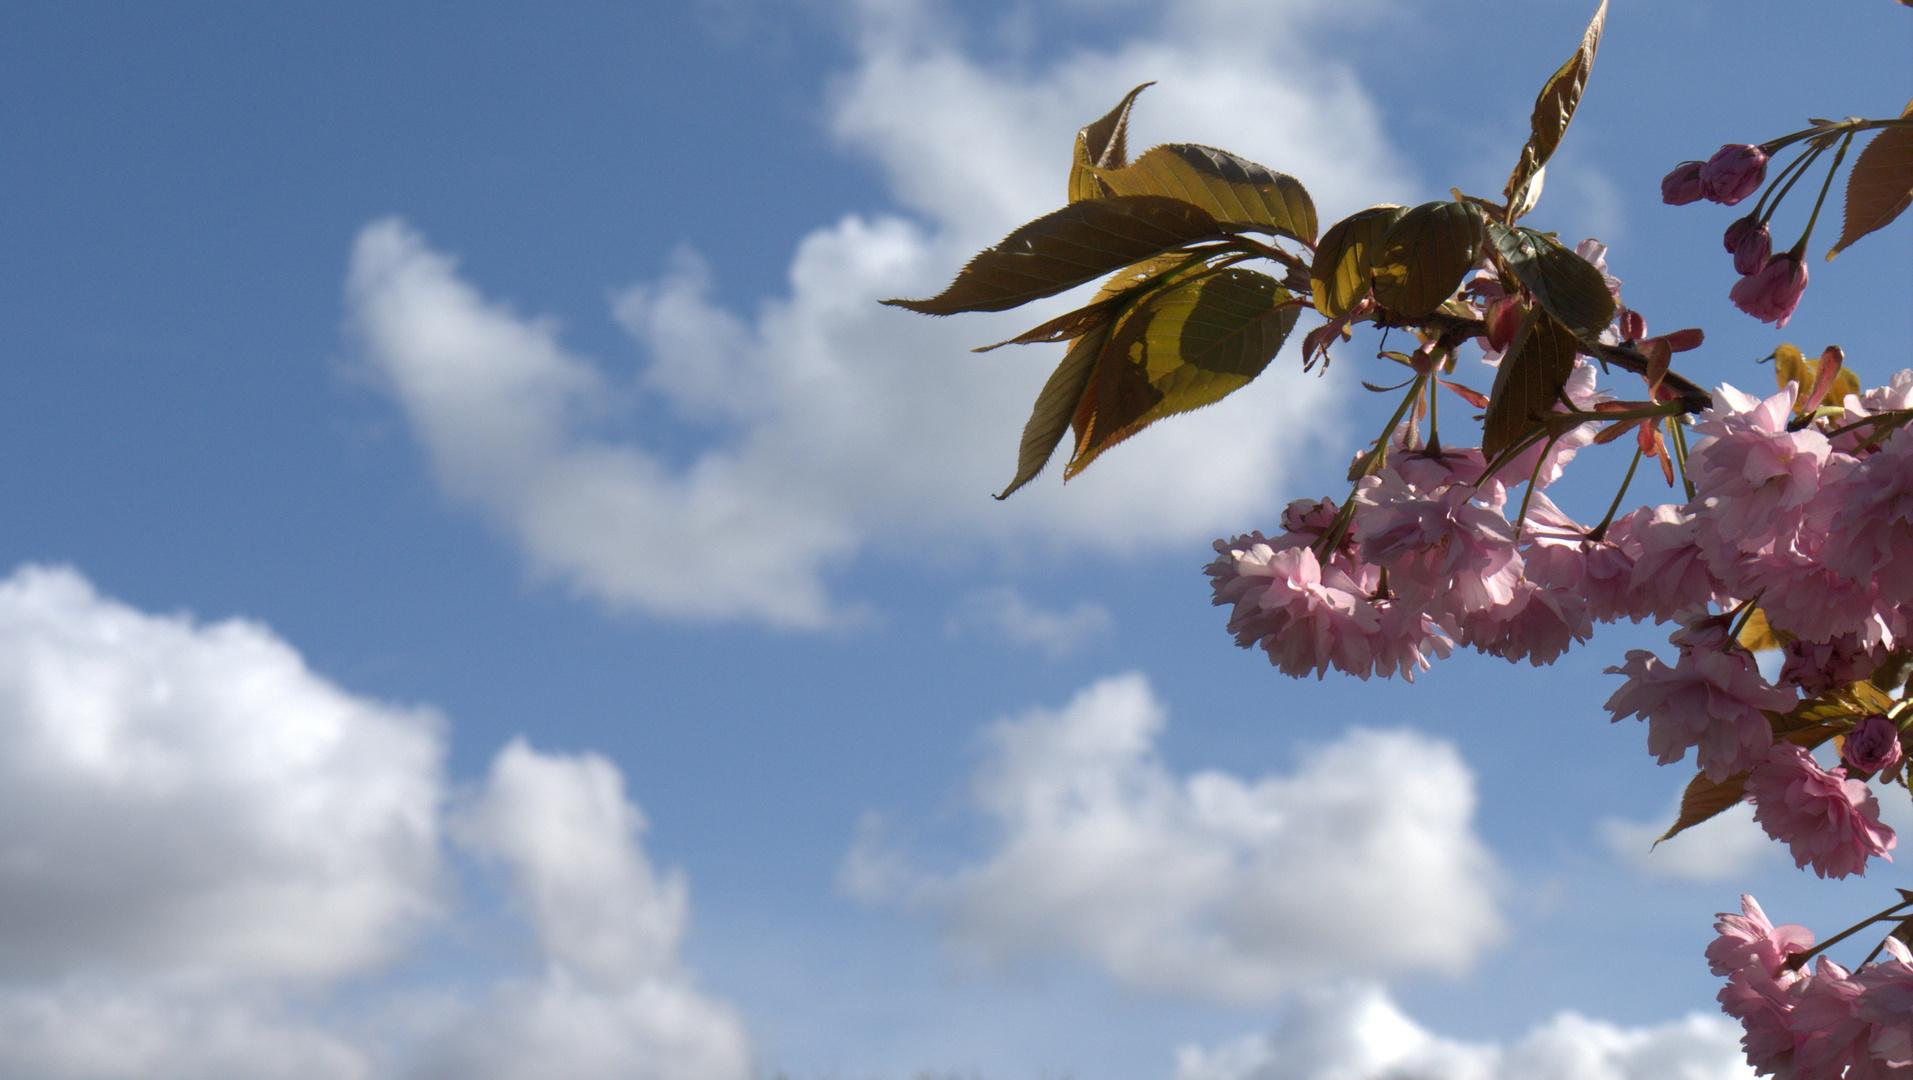 Kirschbaumblüten vor einem blauen Himmel